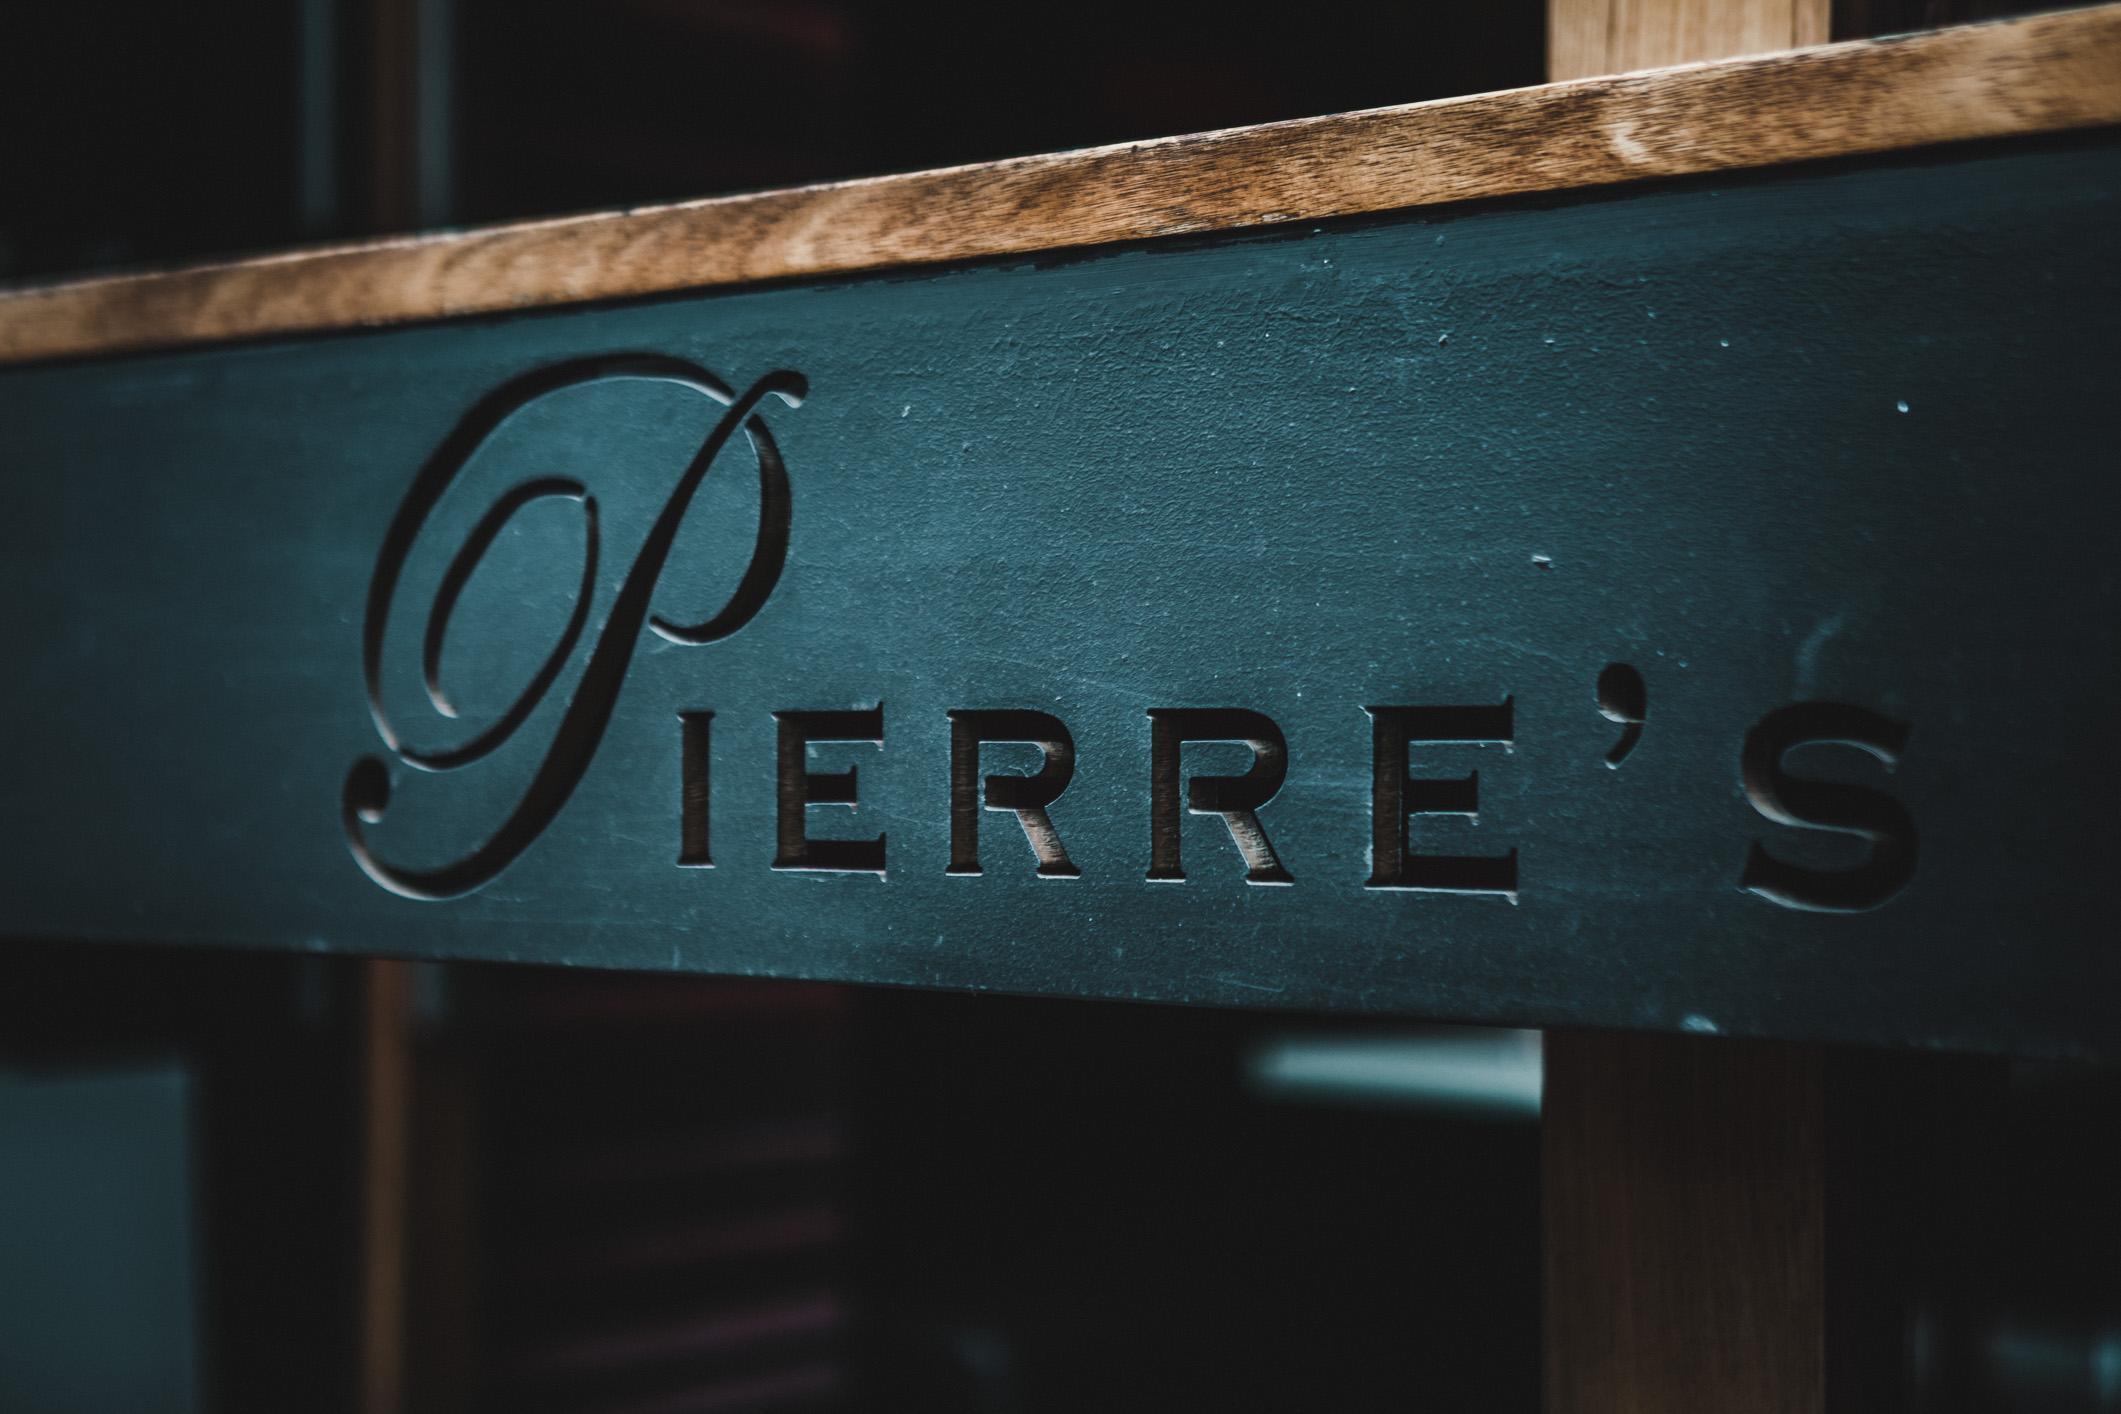 Pierre's (Web) (3 of 27).jpg